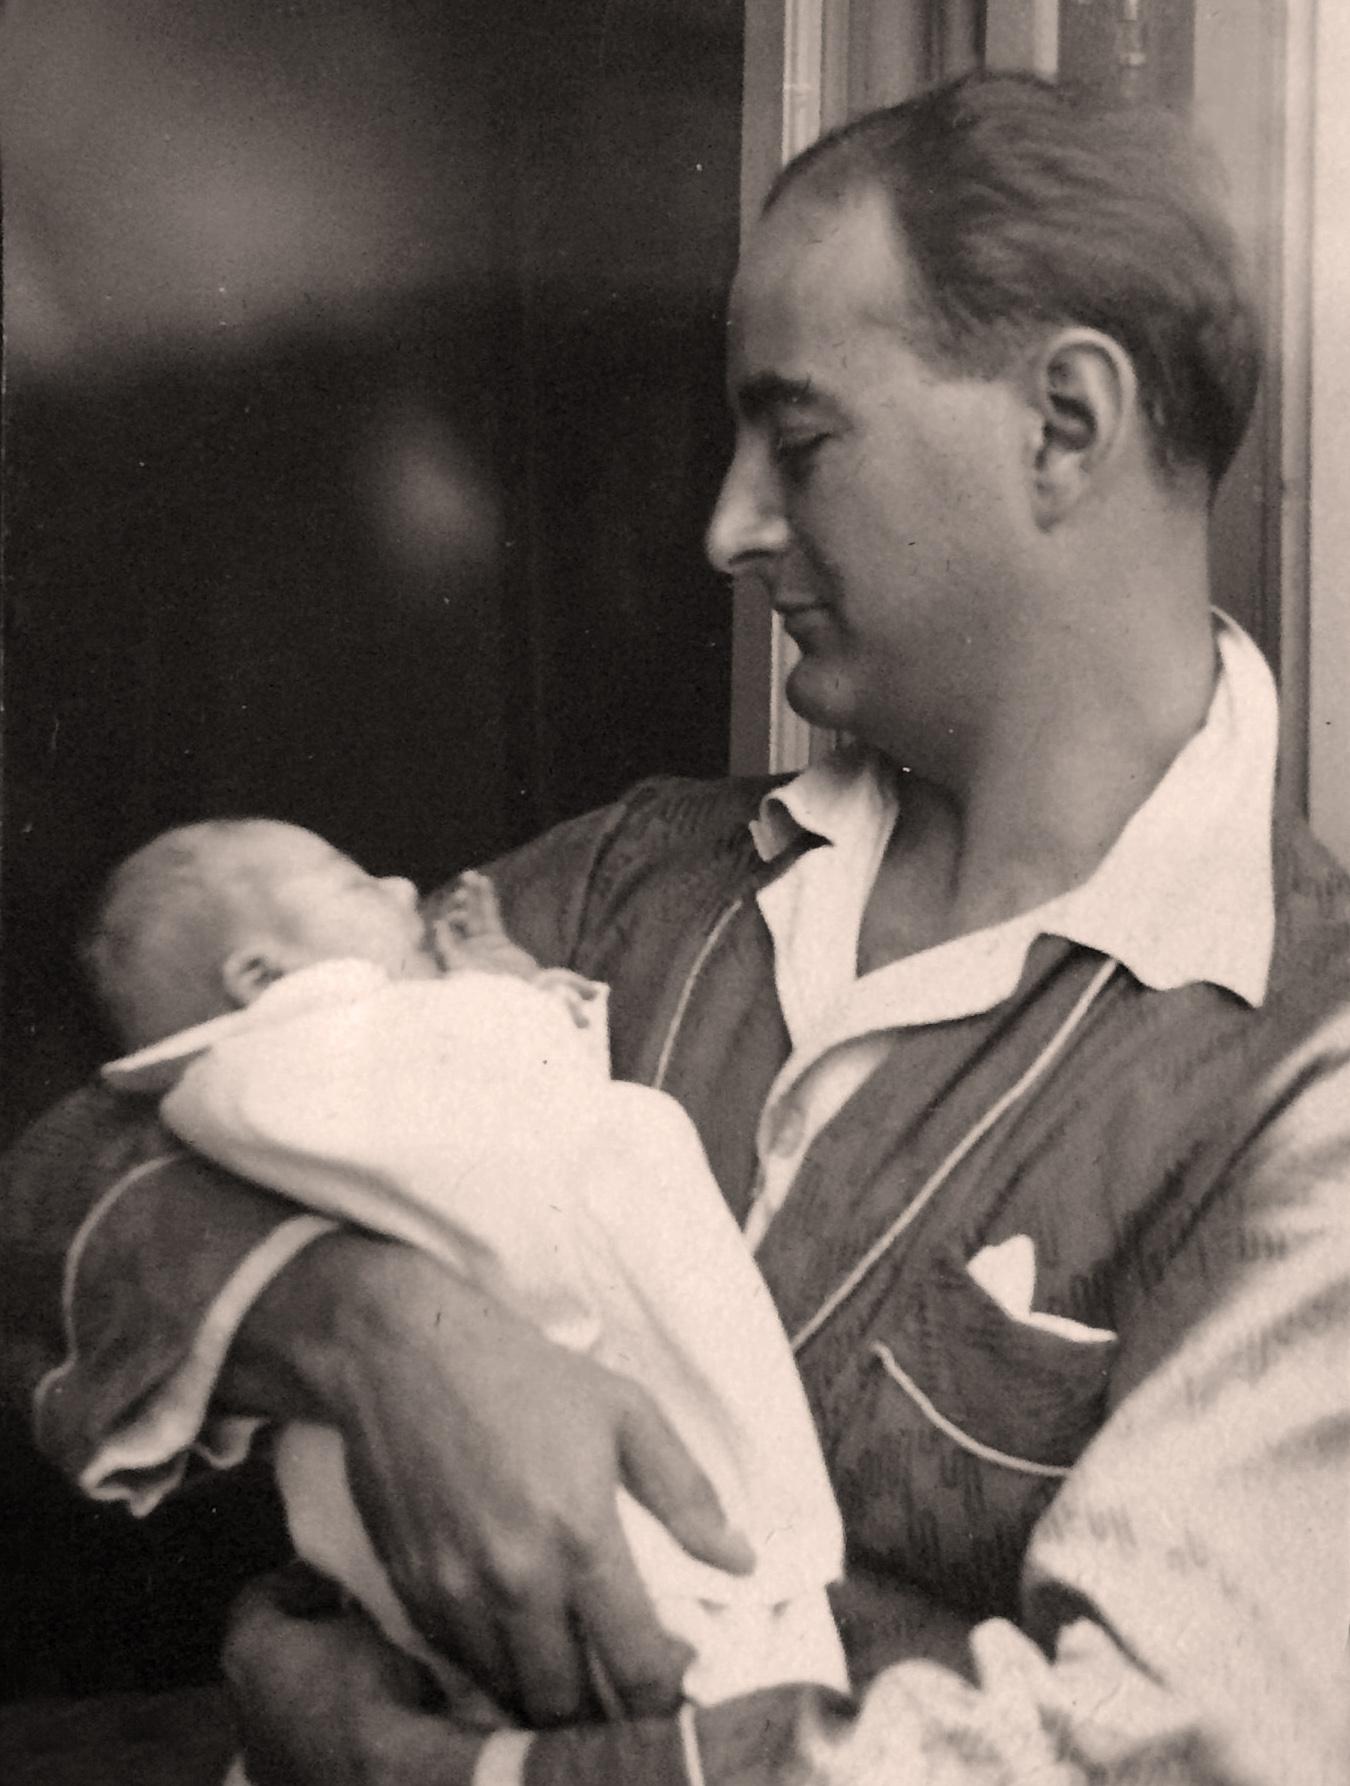 Juan Adriansens en brazos de su padre. La Habana 1936